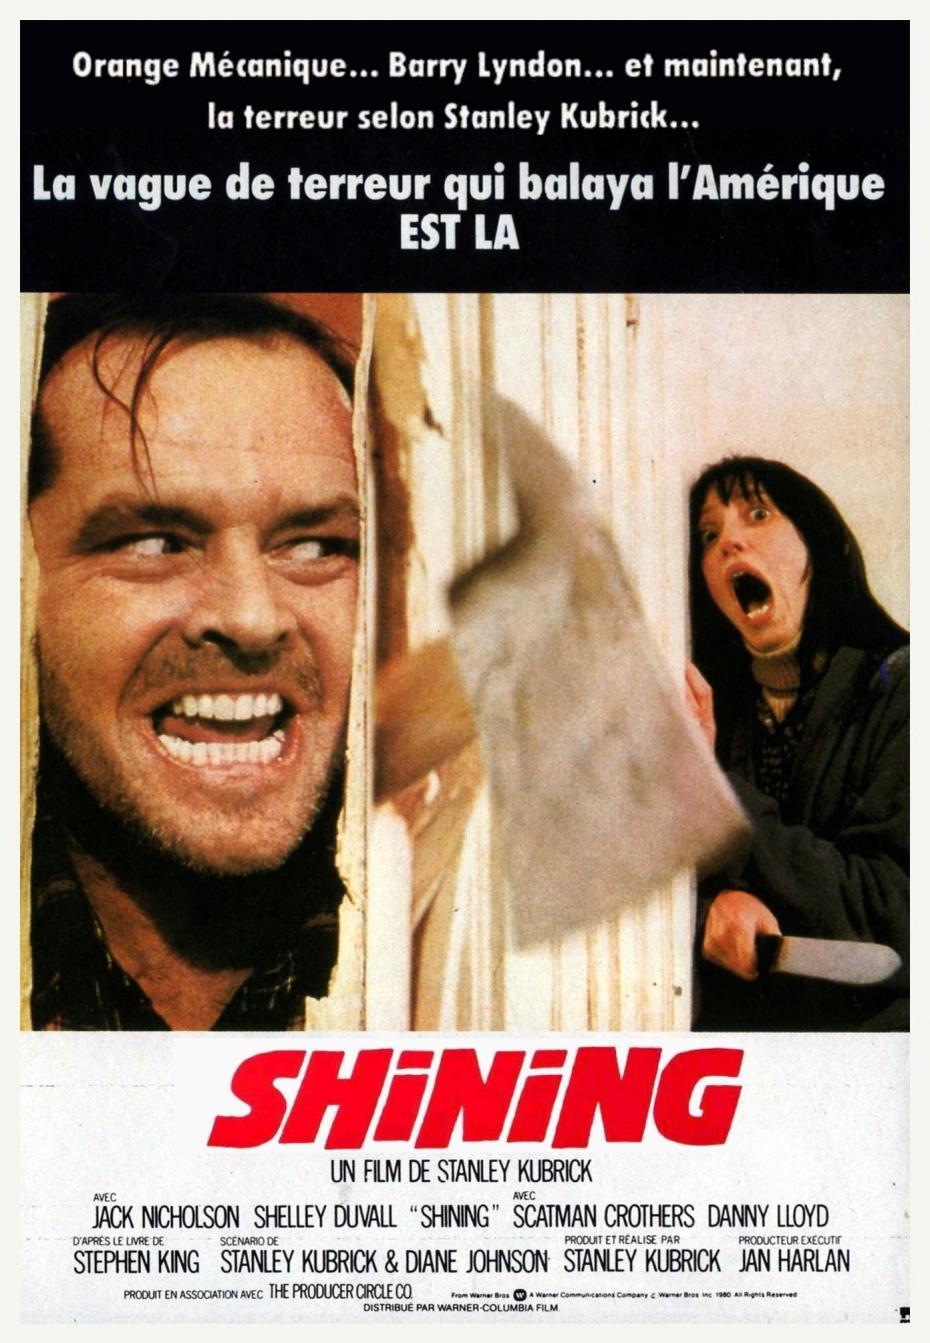 """Résultat de recherche d'images pour """"shining"""""""